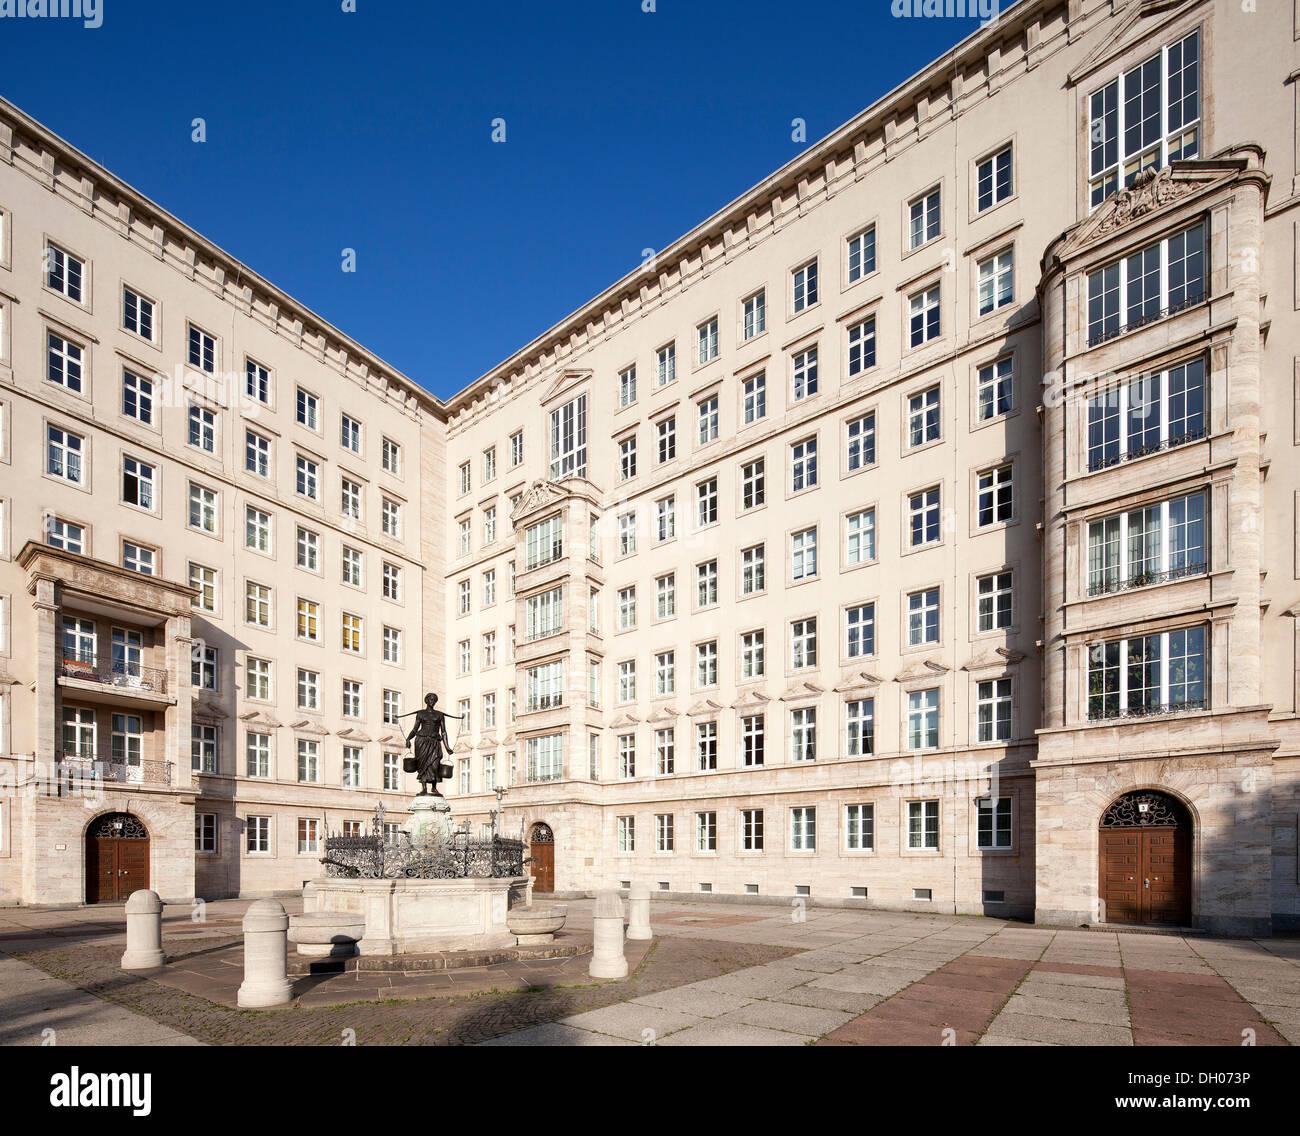 Ringbebauung buildings, Socialist Classicism, Leipzig, PublicGround - Stock Image